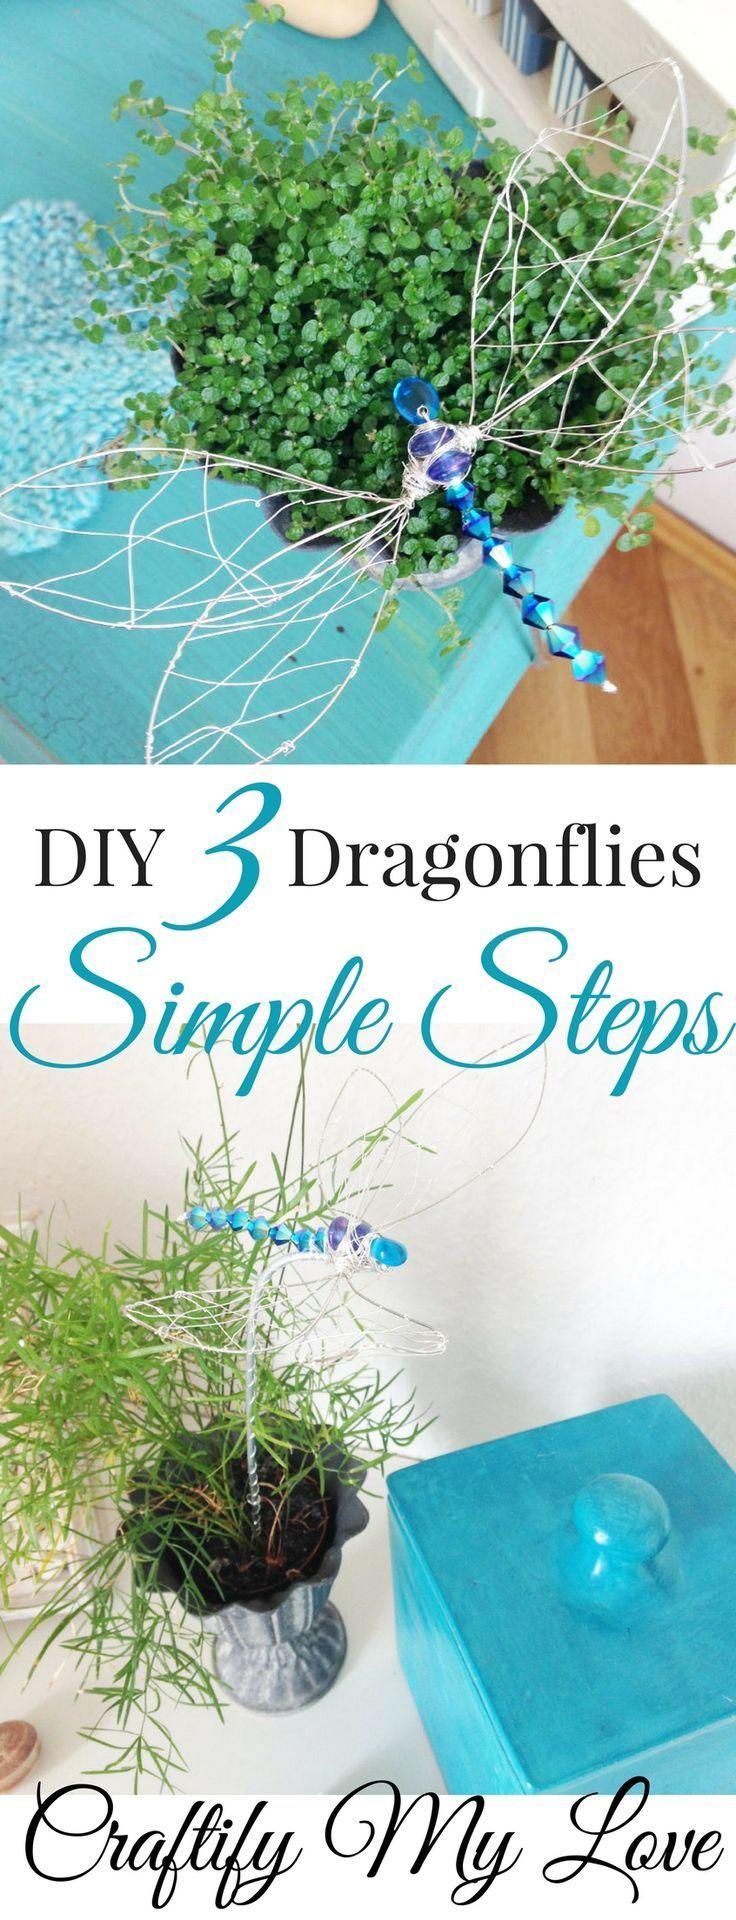 Erfahren Sie, wie Sie in 3 einfachen Schritten glitzernde DIY-Libellen herstellen können Klicken Sie hier, um die Fr